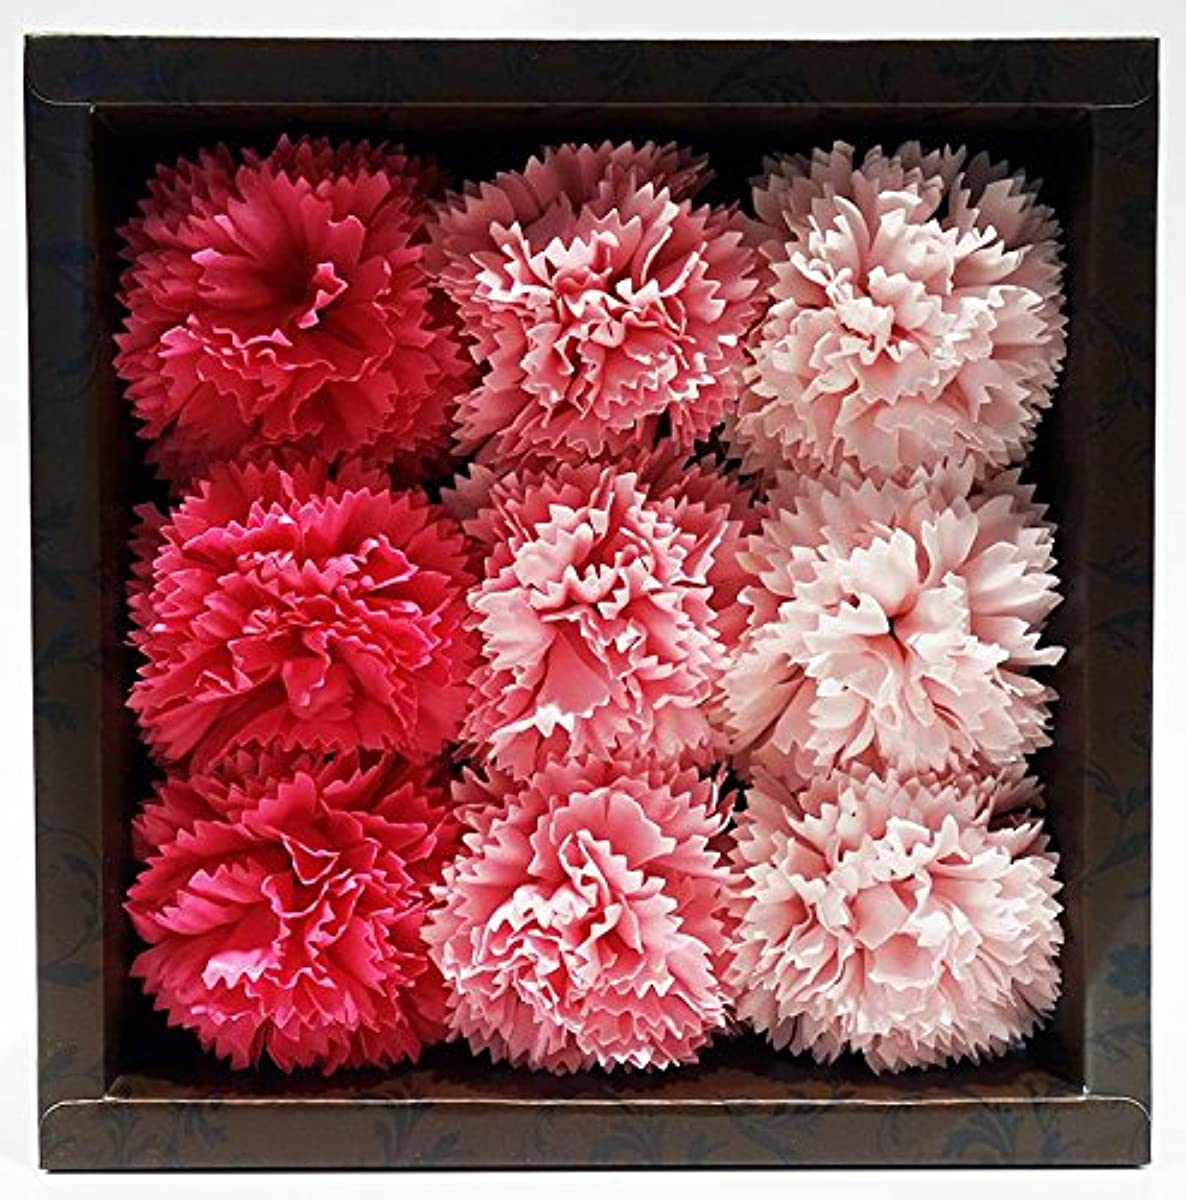 本質的ではない面倒期限バスフレグランス バスフラワー カーネーション ピンクカラー お花の形の入浴剤 母の日 プレゼント ギフト